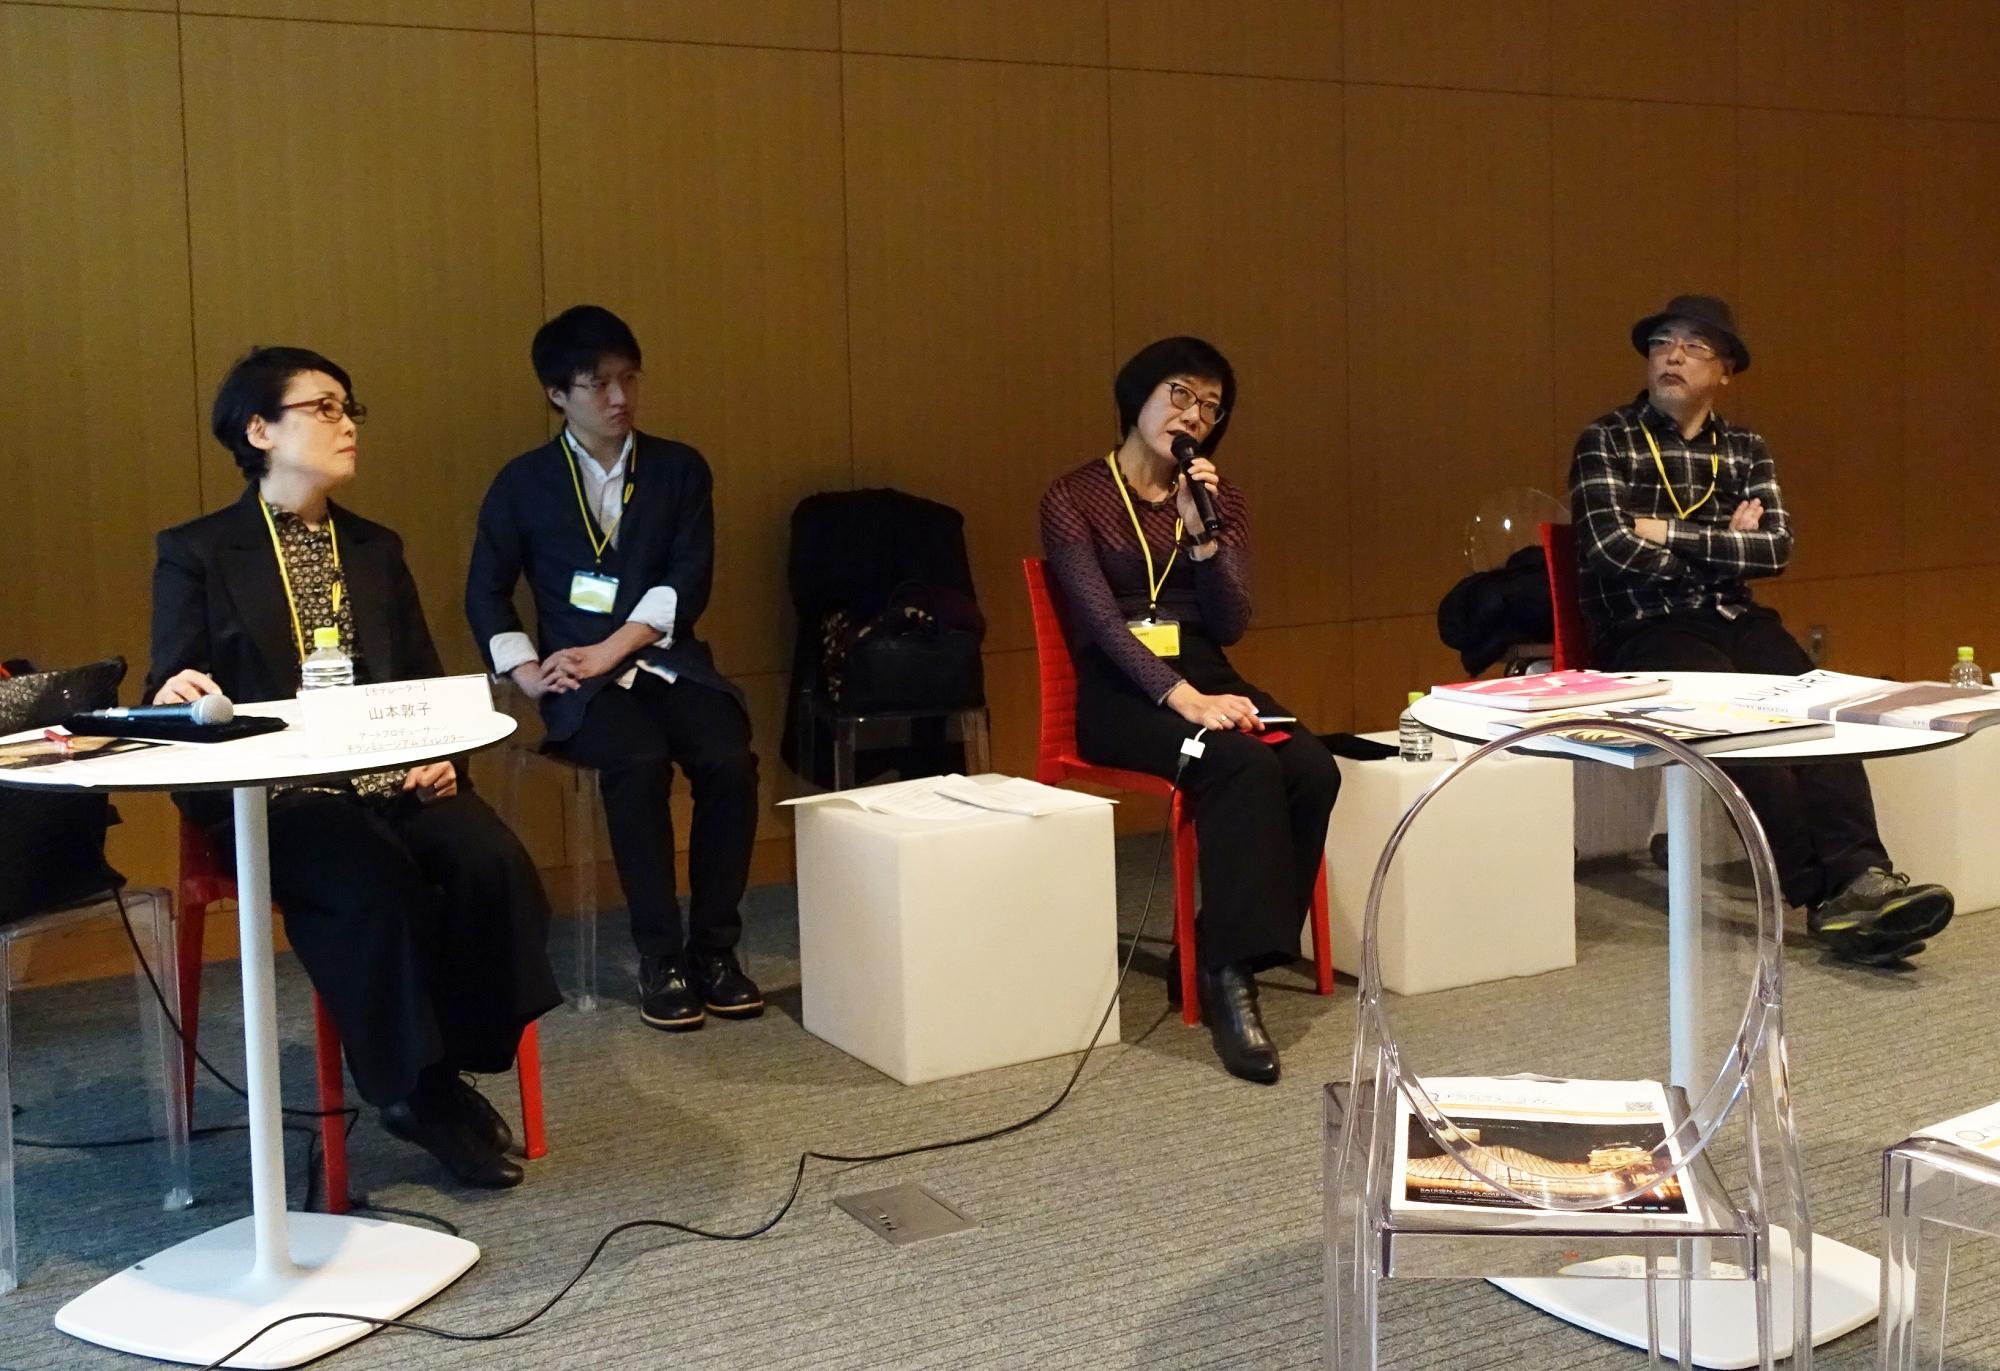 トークイベントの様子(写真左から山本敦子、帆足亜紀、佐藤直樹)